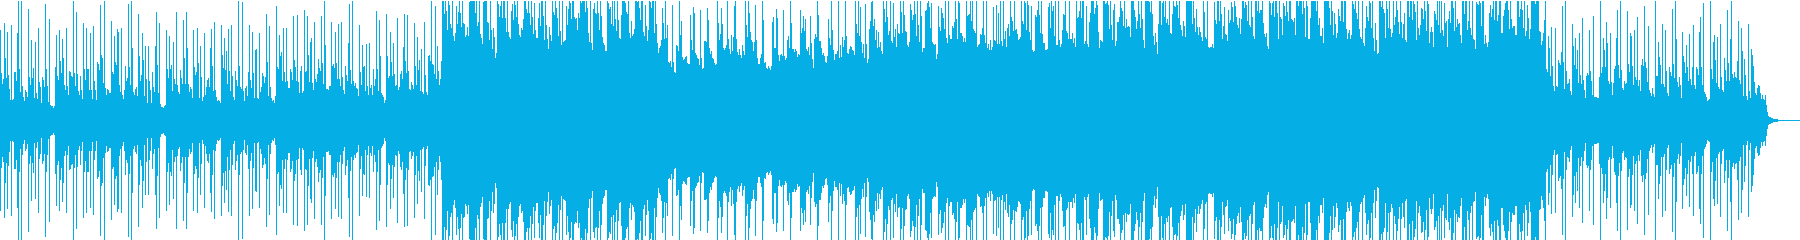 花火・夏・夜・Lofi HipHopの再生済みの波形